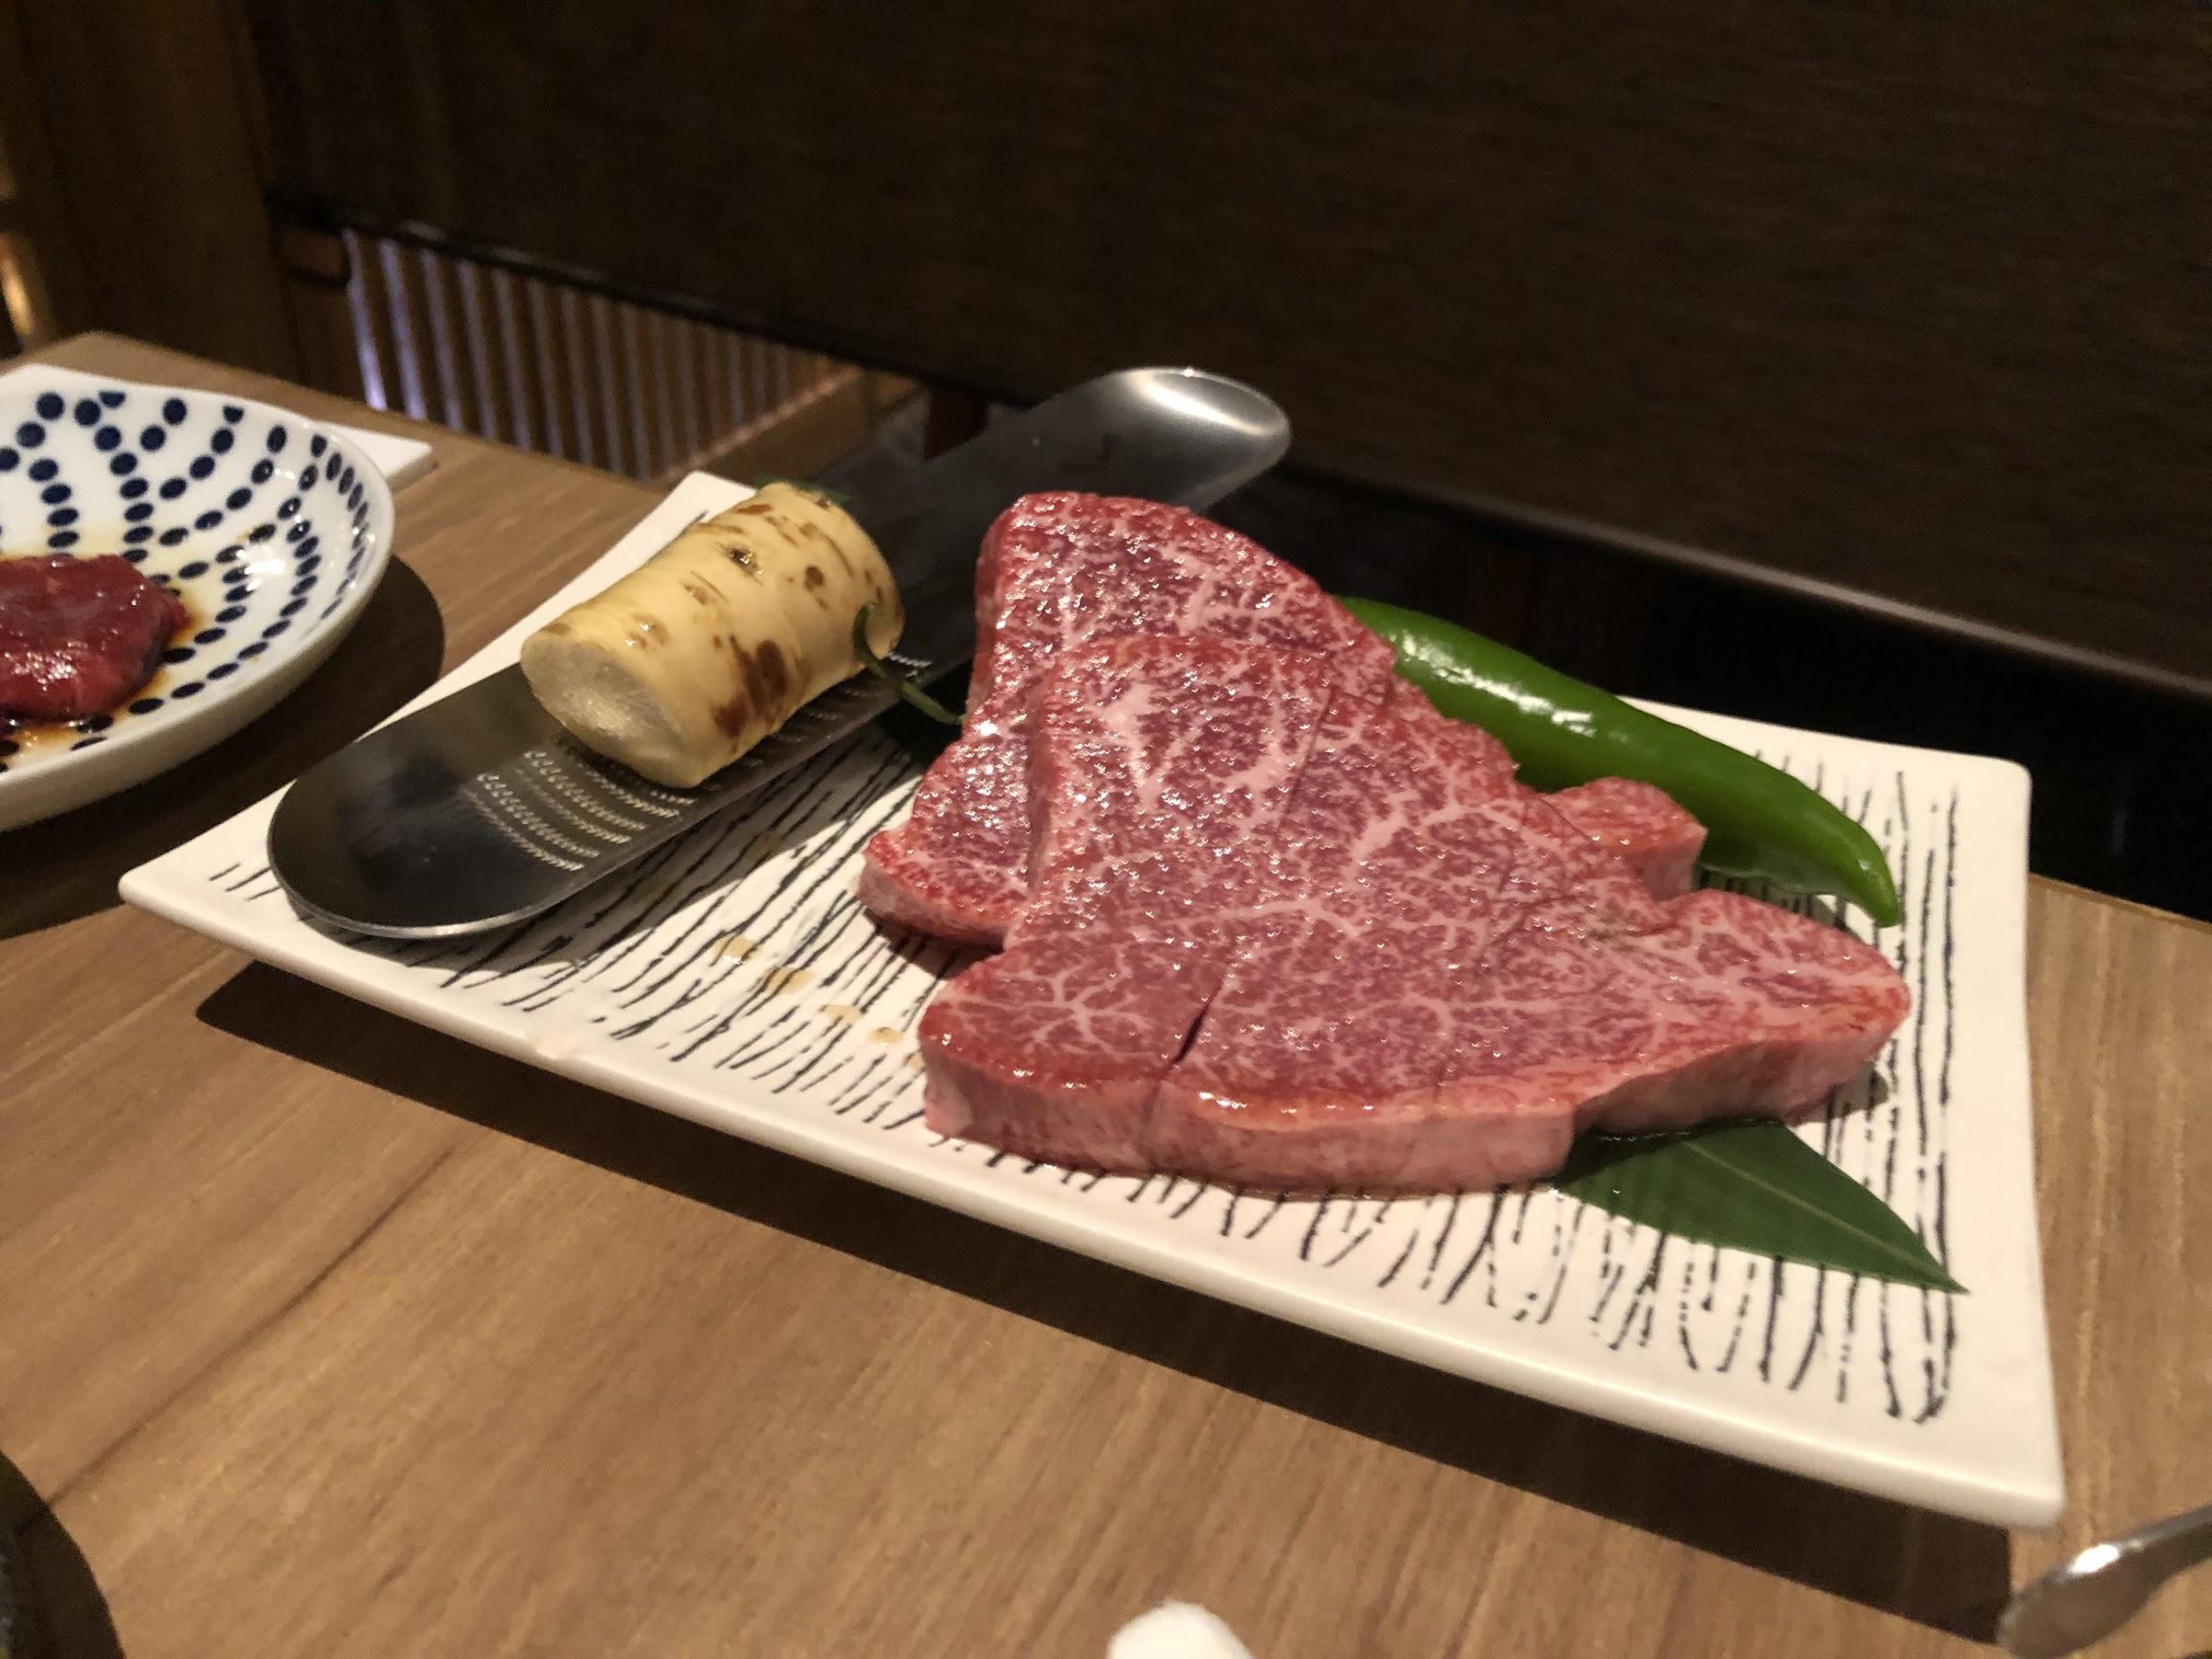 土曜日だから焼き肉を食べよう